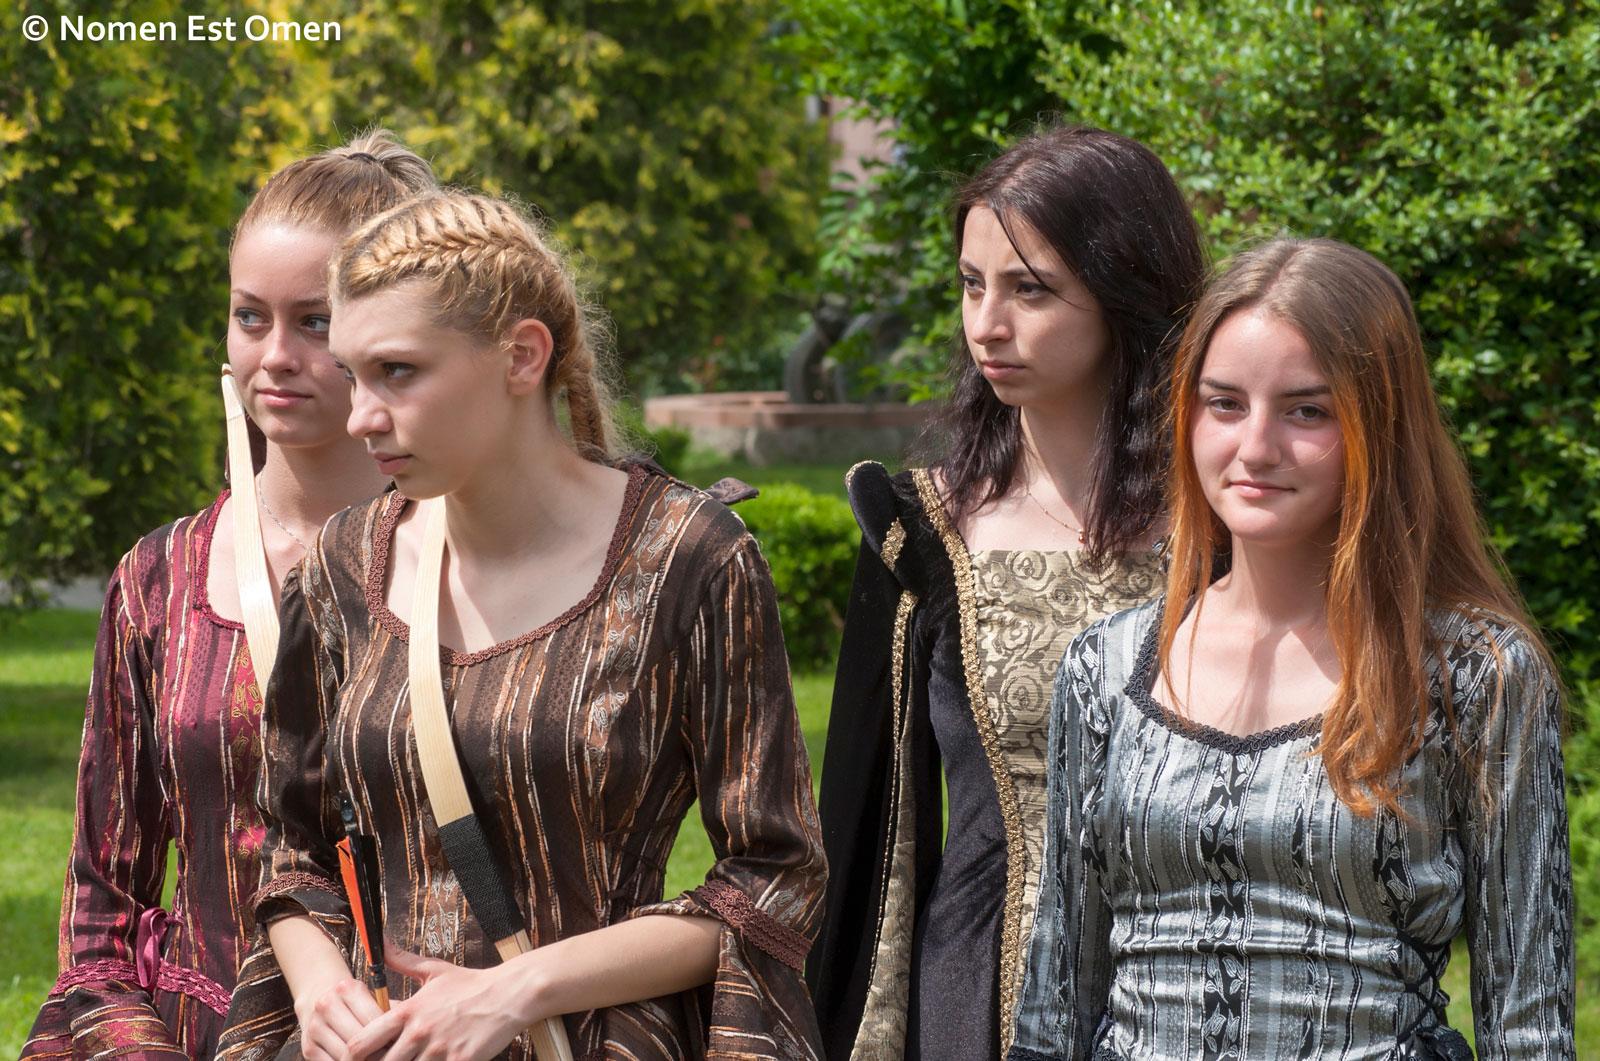 fete dintr-un grup de reconstituiri istorice